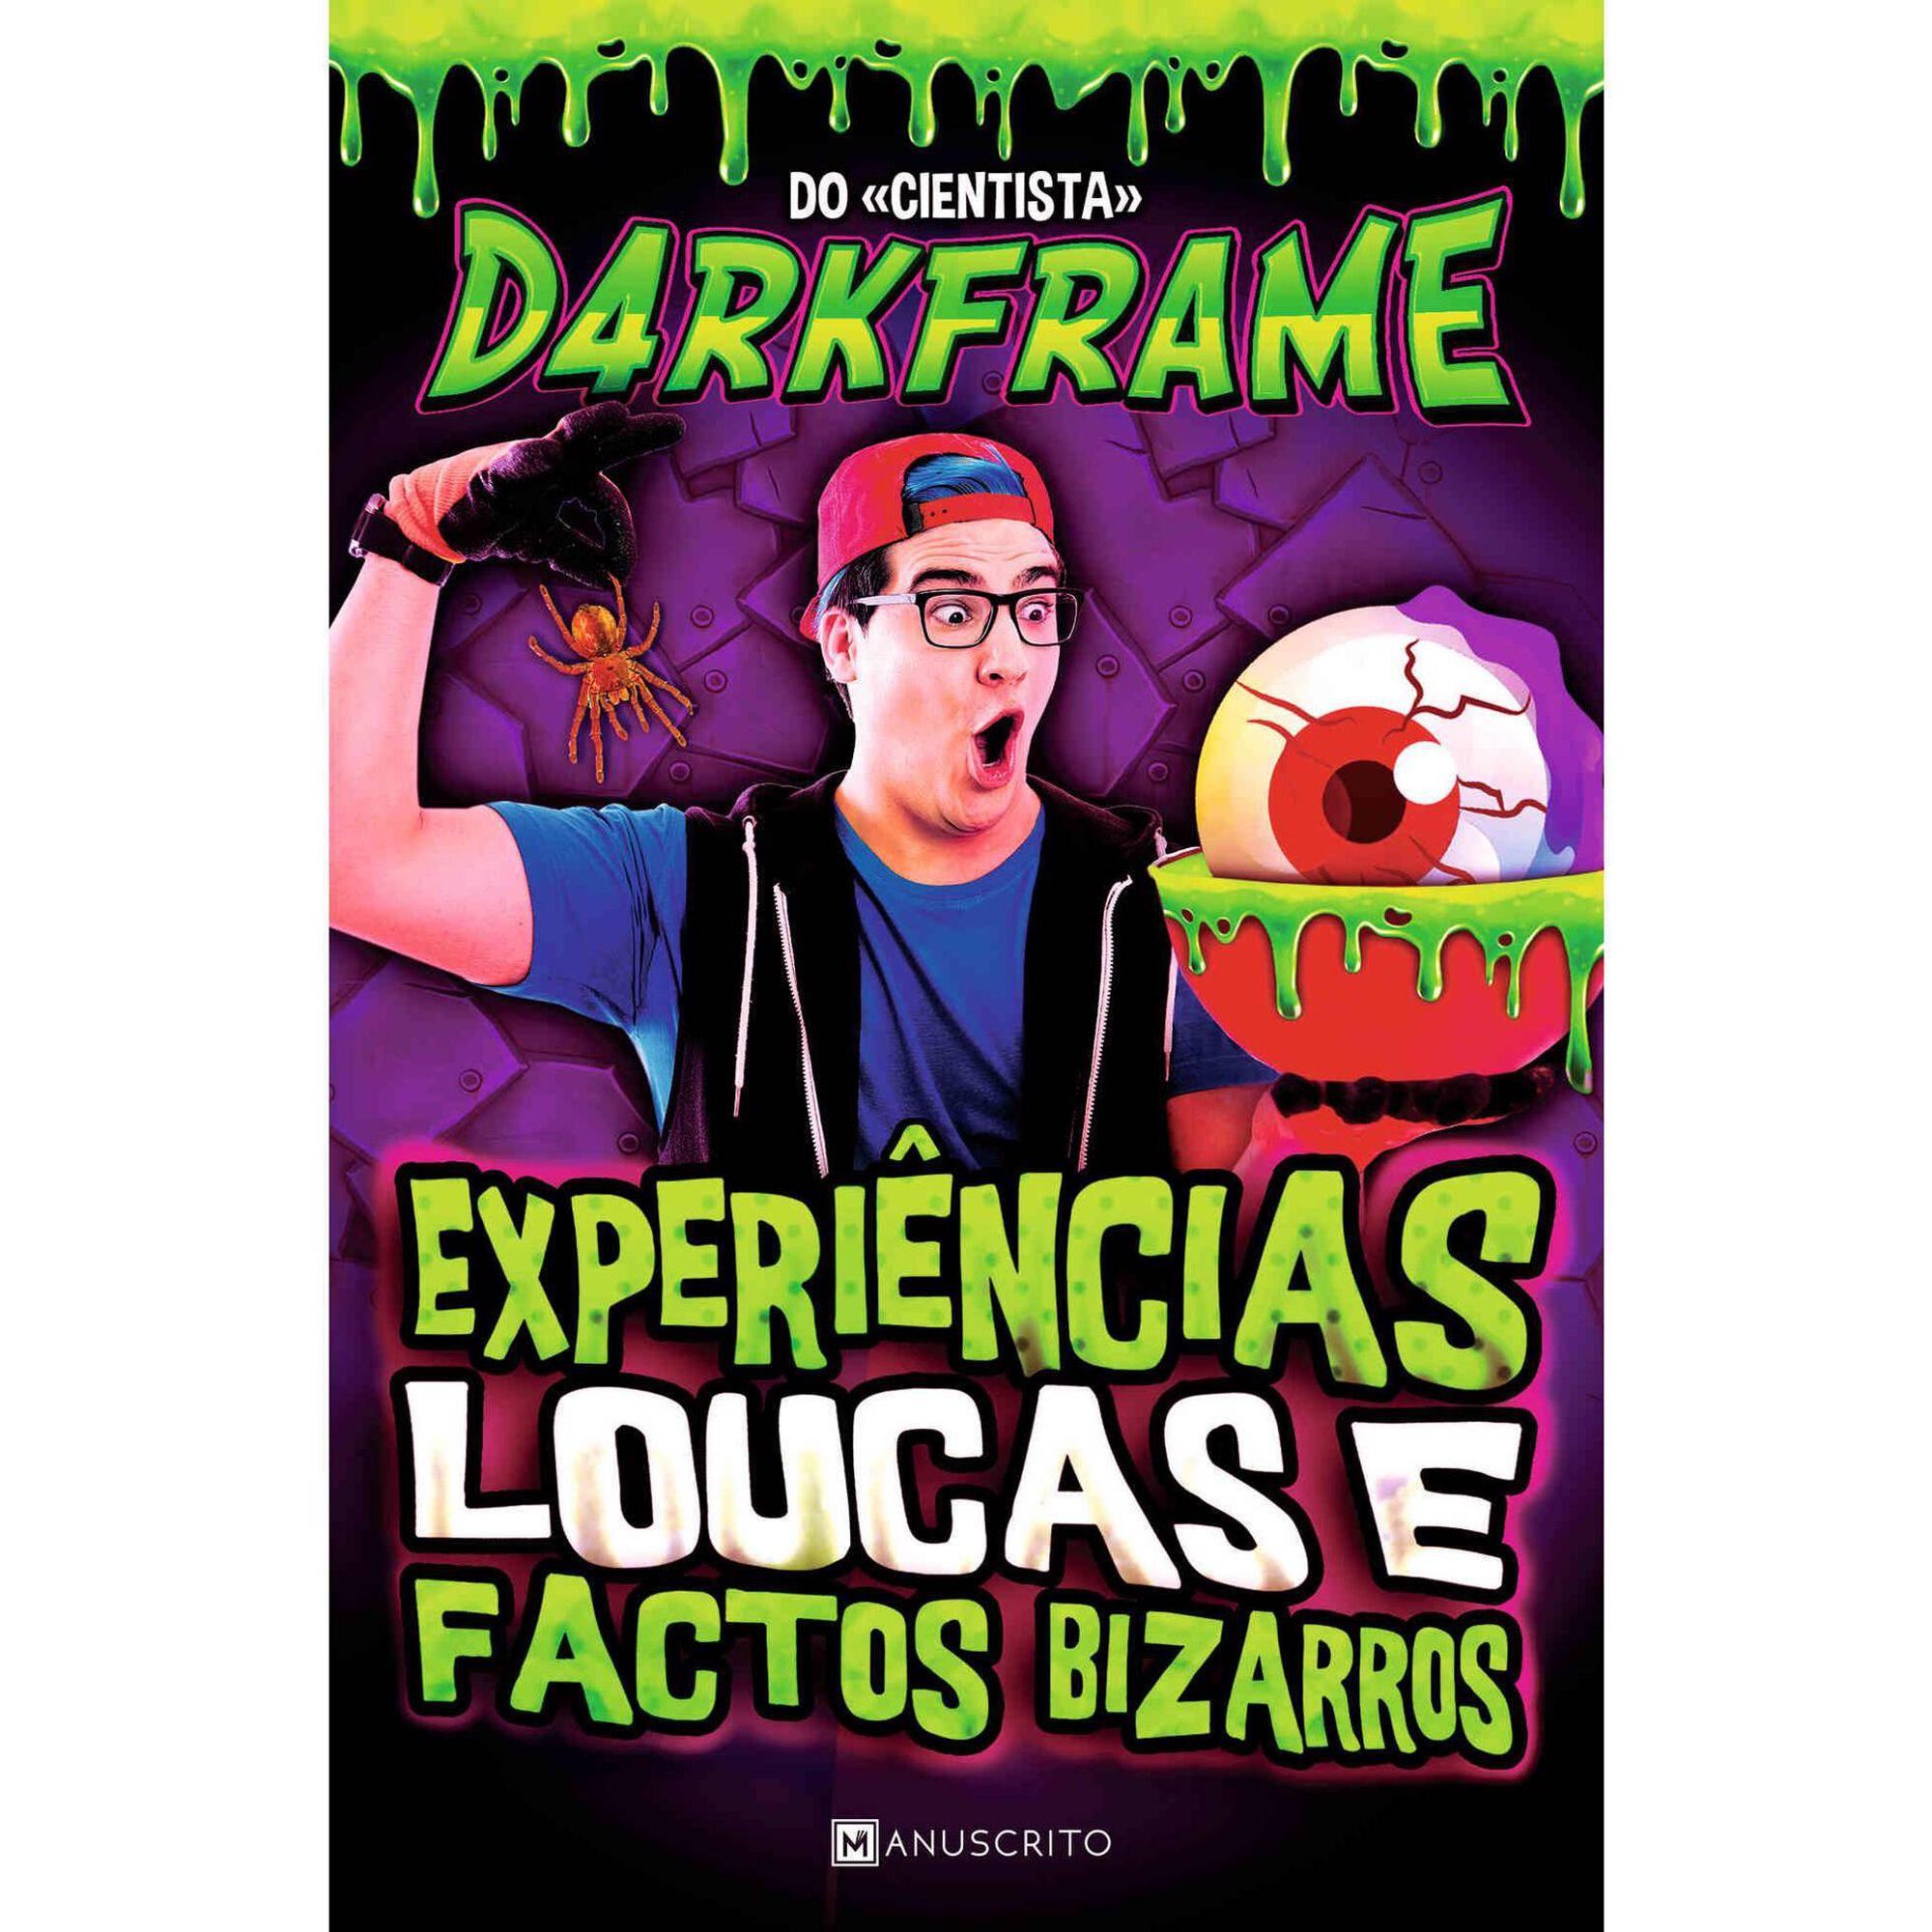 Experiências Loucas e Factos Bizarros